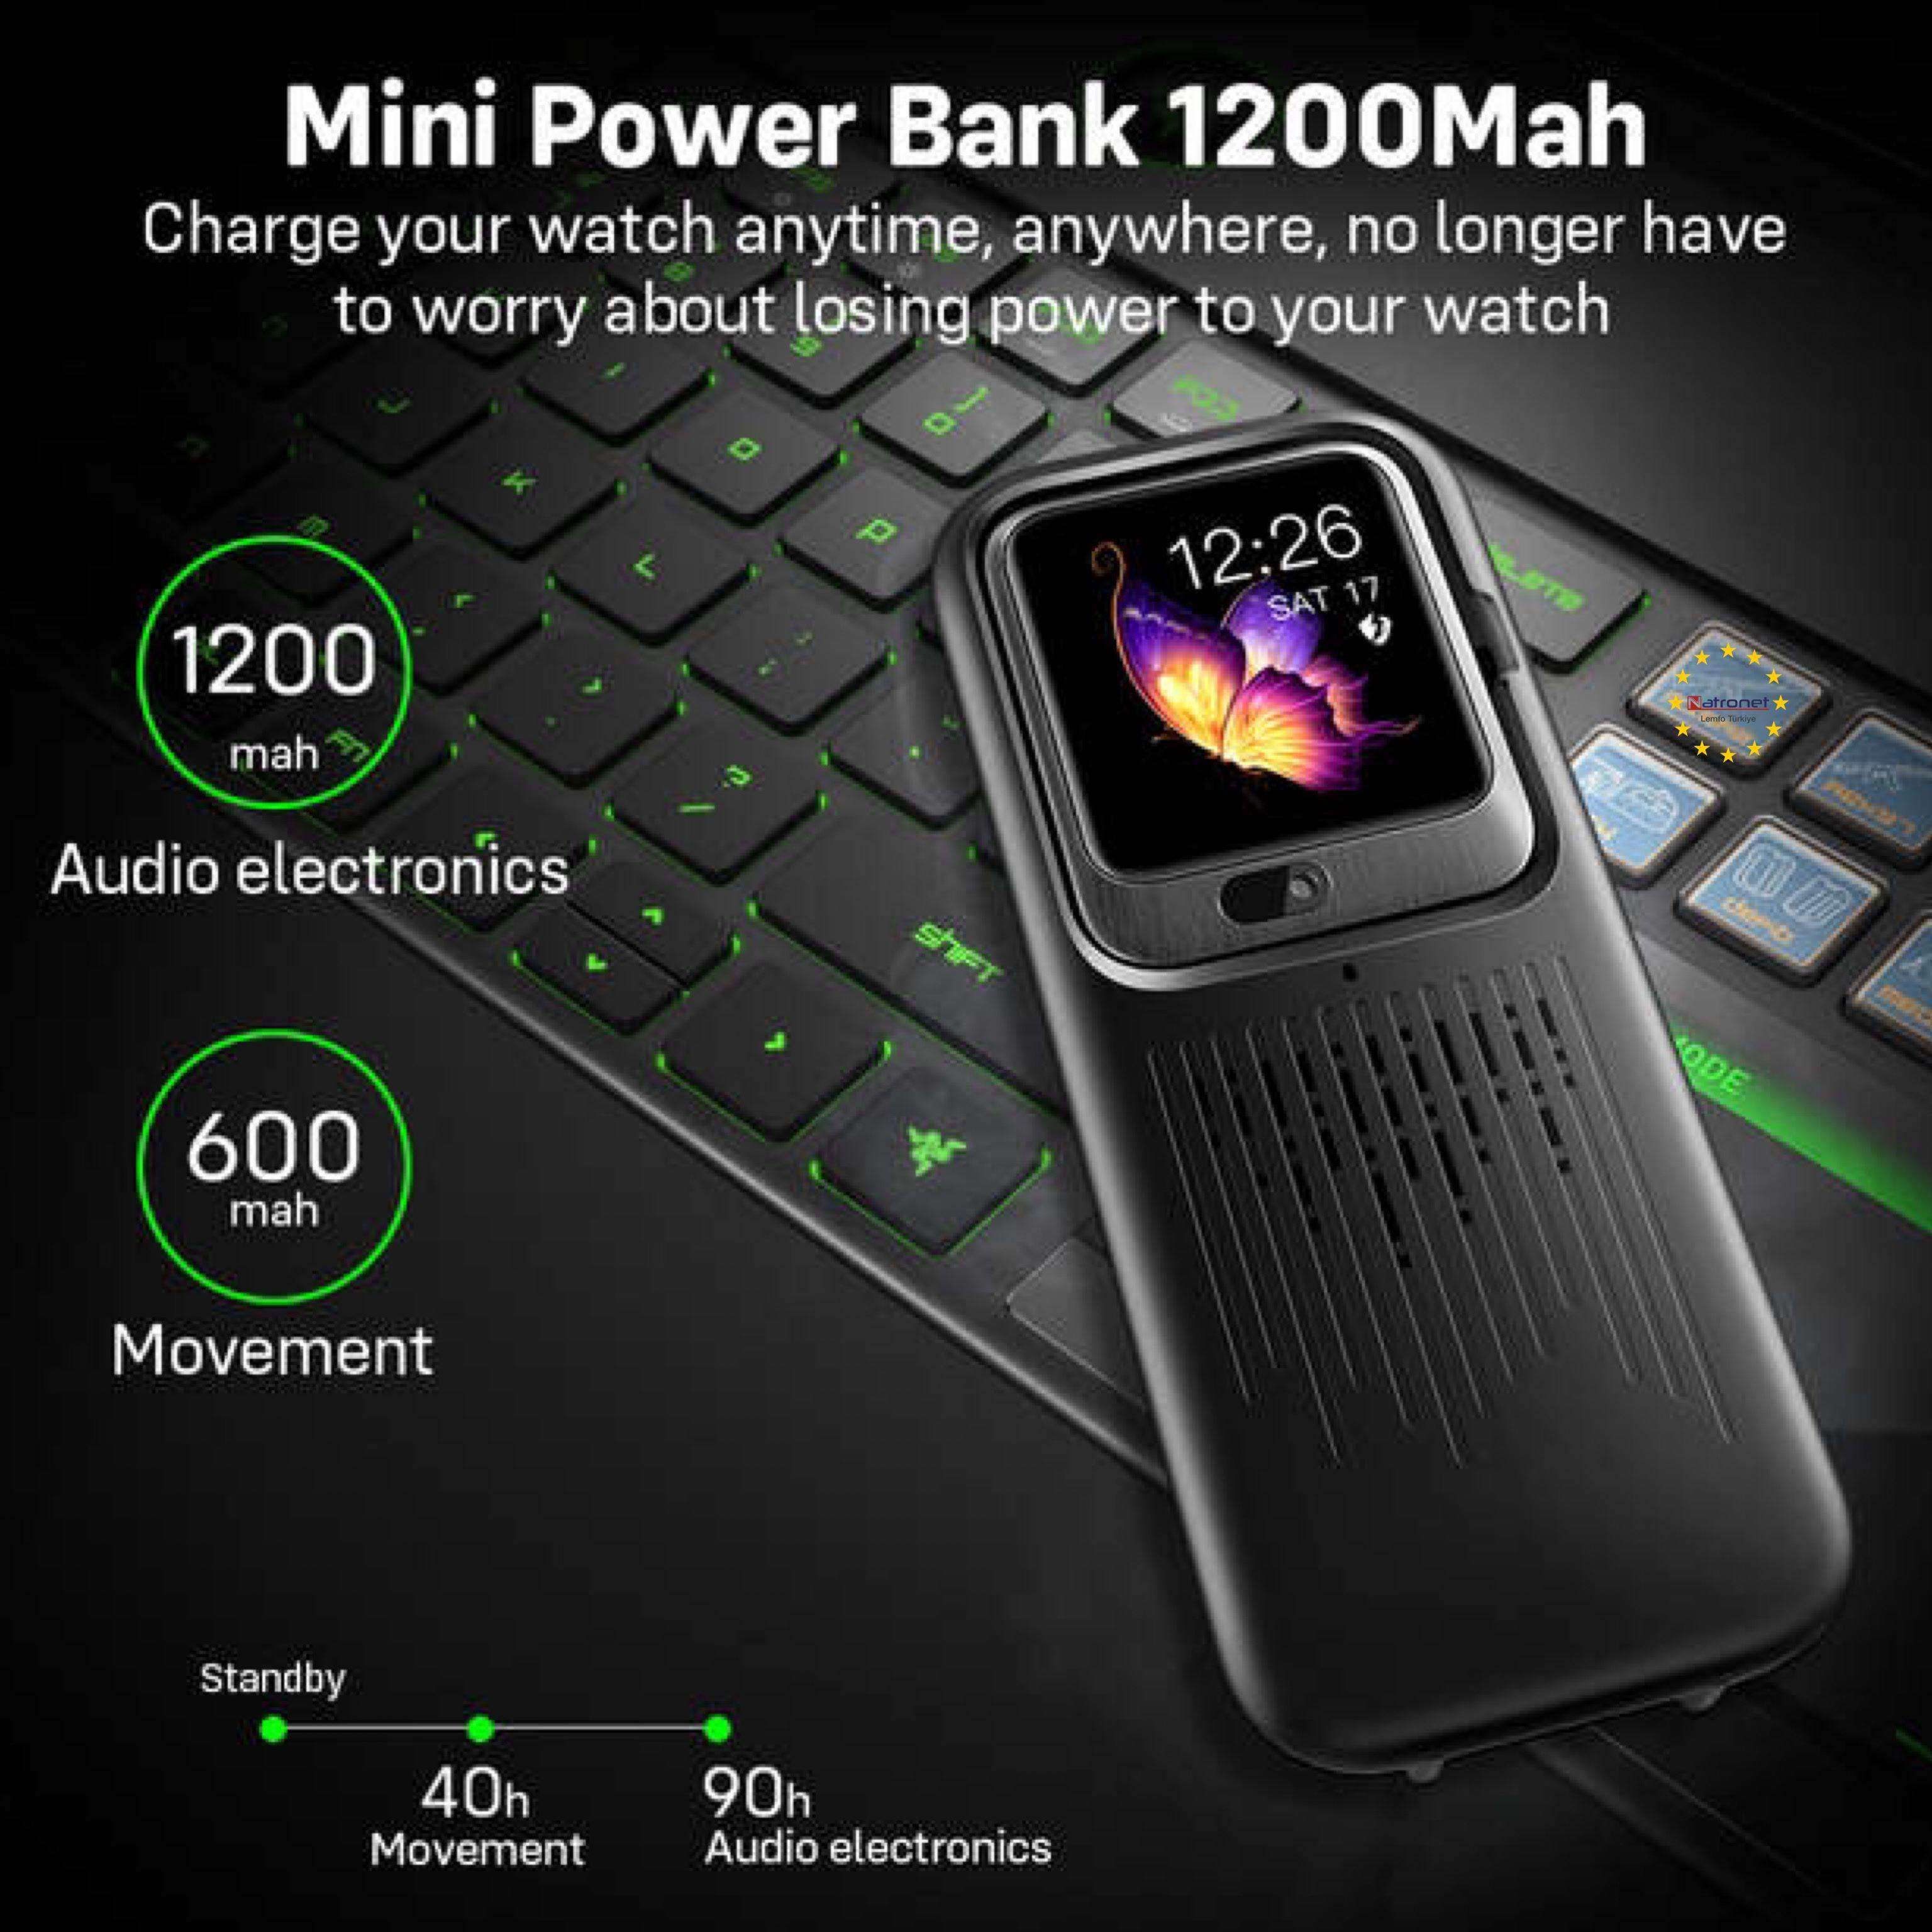 LEMFO LEM11 4G Akıllı Saat Android 7.1 3GB 32GB Görüntülü Görüşme 1200mah Powerbank kablosuz bluetooth Hoparlör Değiştirilebilir Kordon